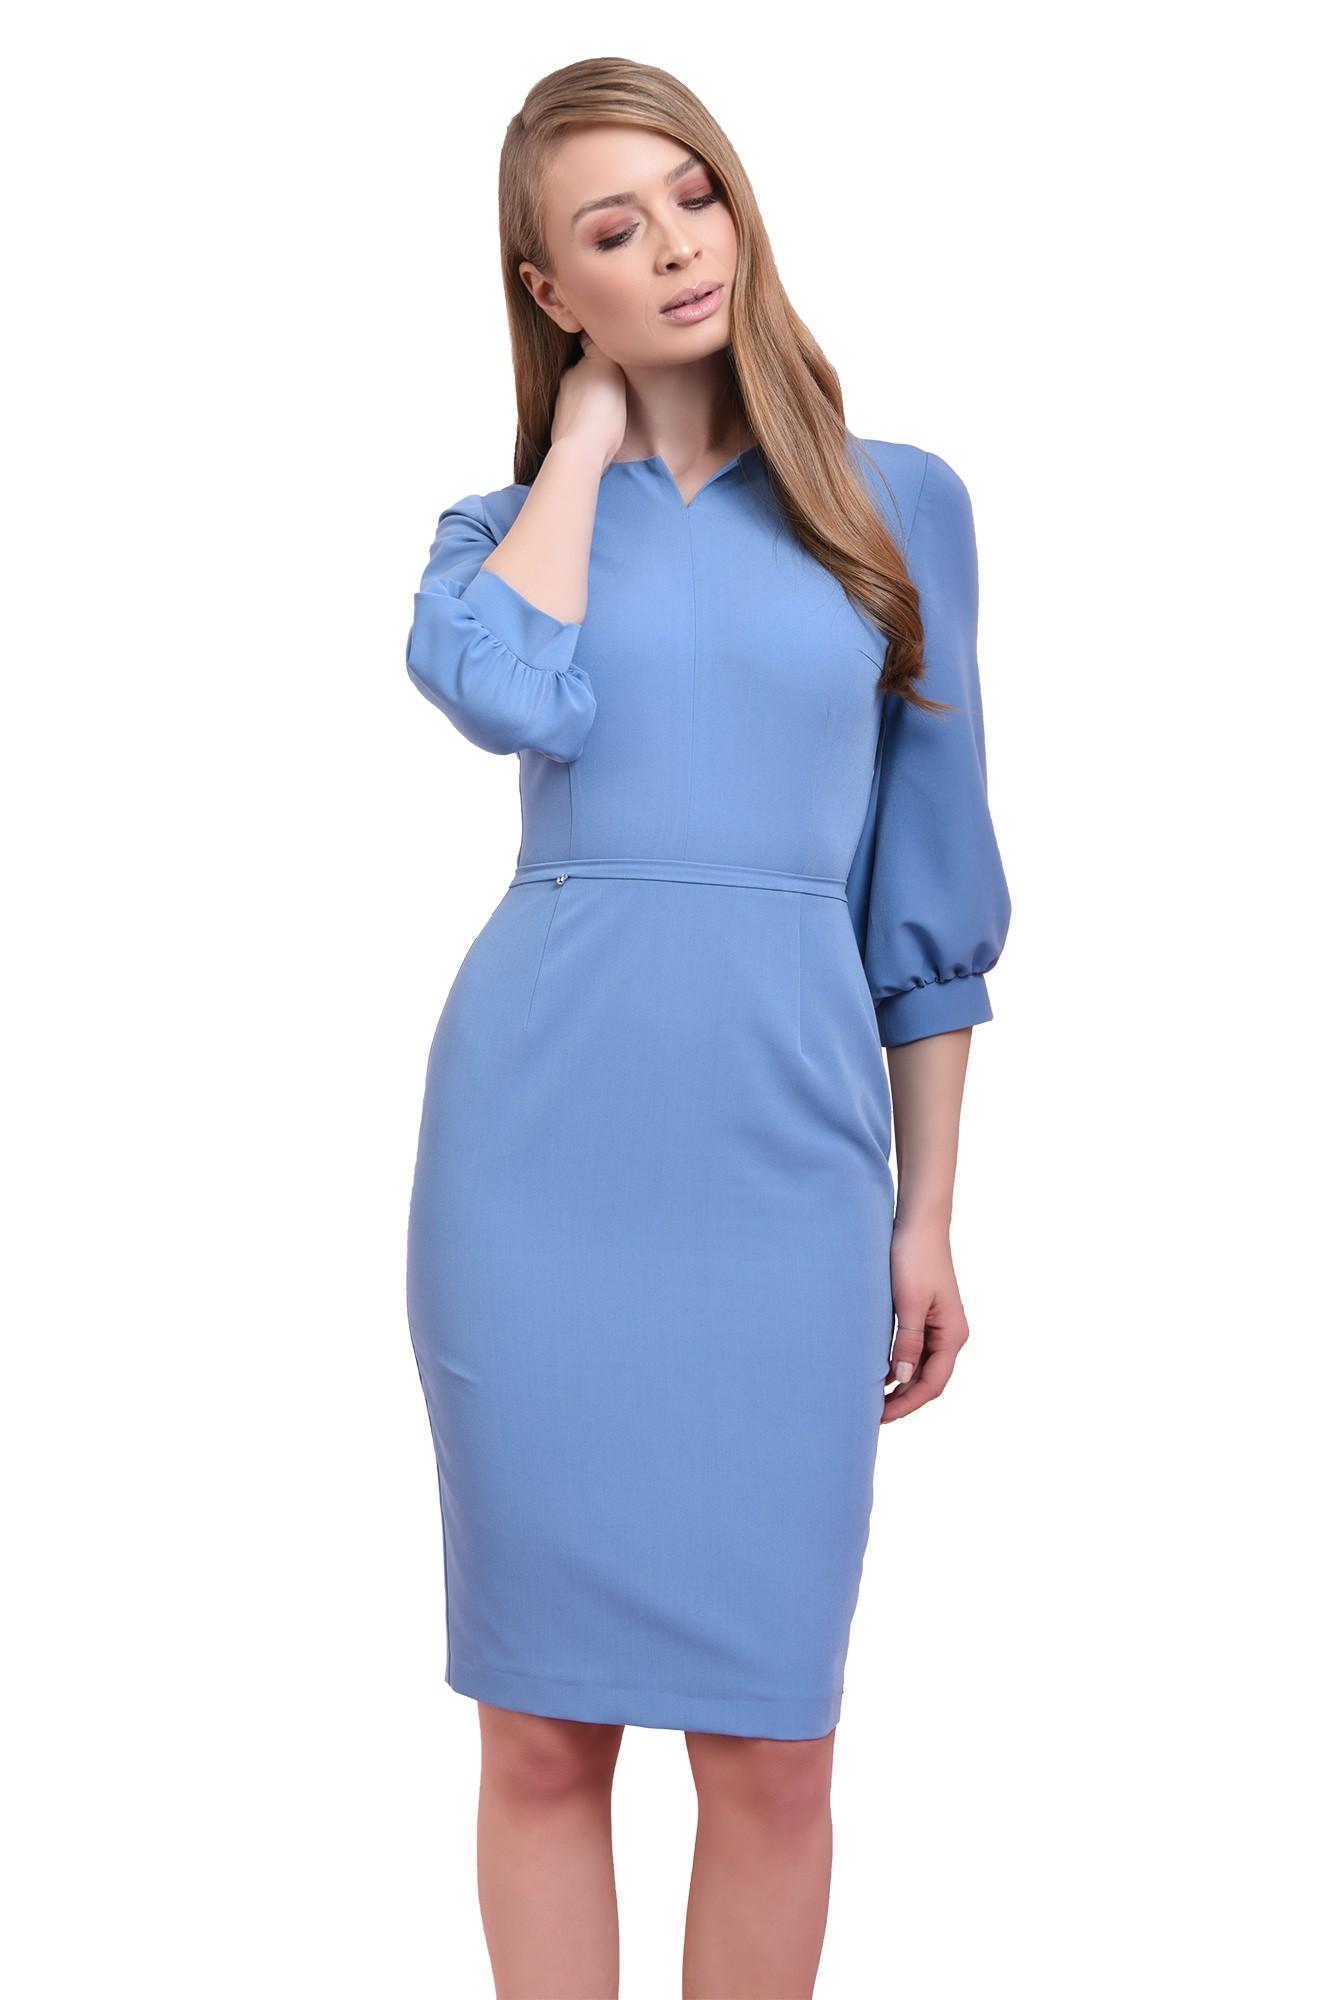 3 - rochie midi, bleu, cu maneca bufanta